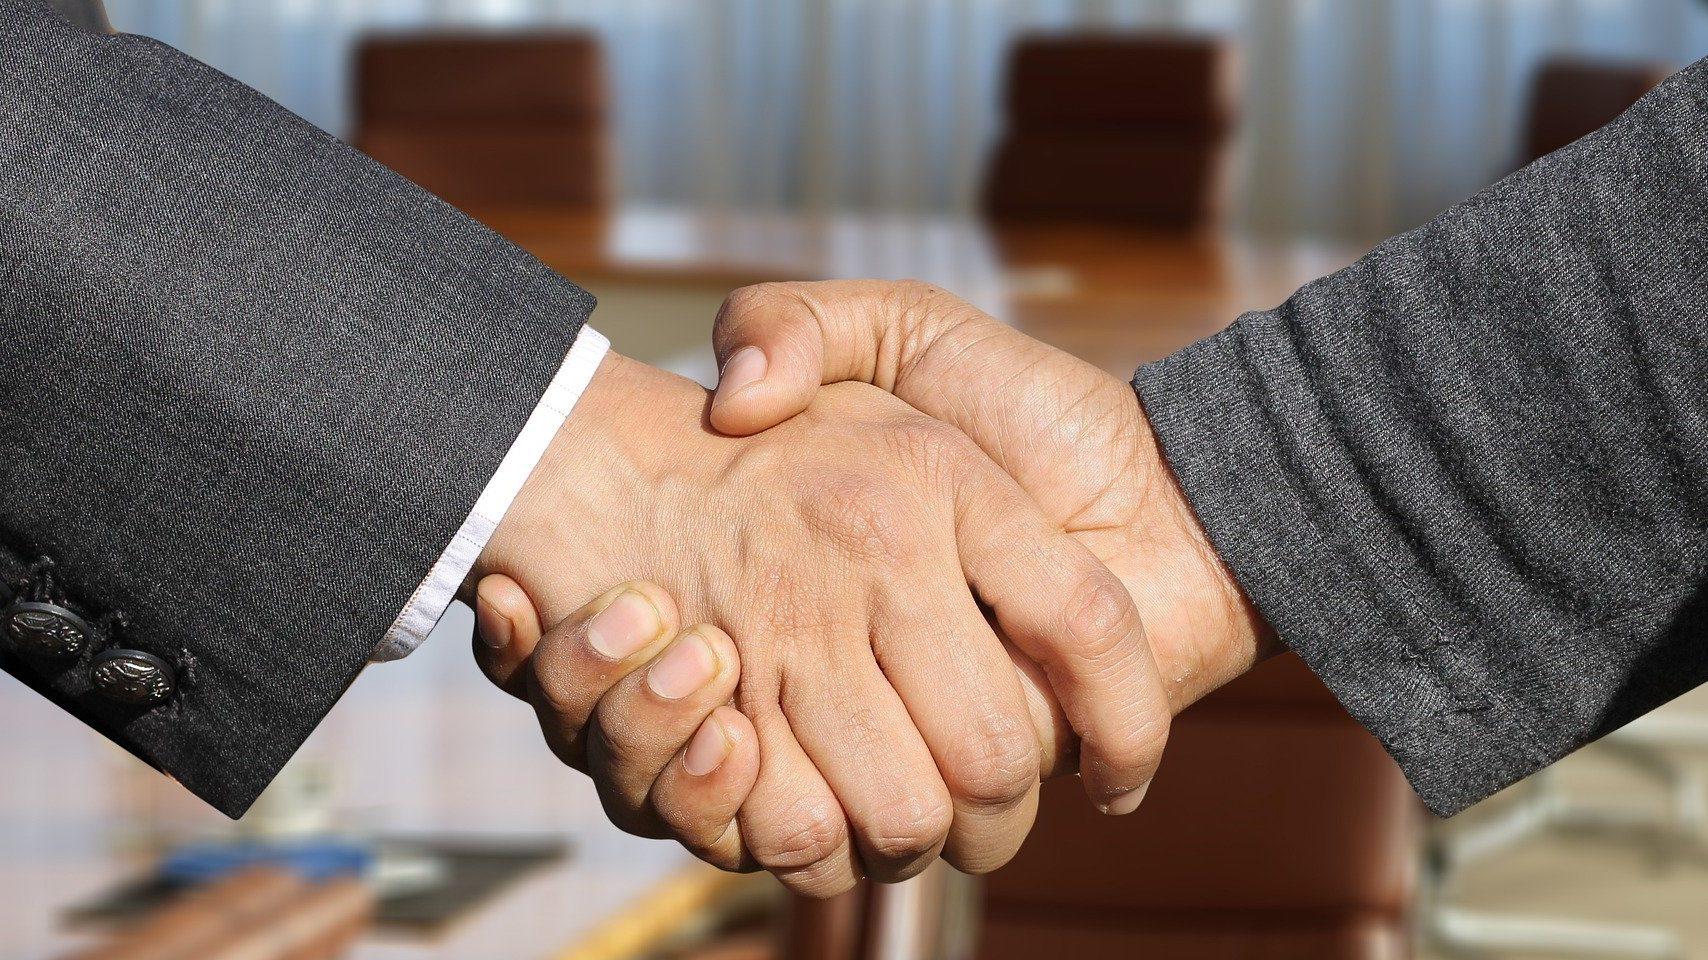 AkinovA הוכרה כזירת מסחר מורשית בביטוח